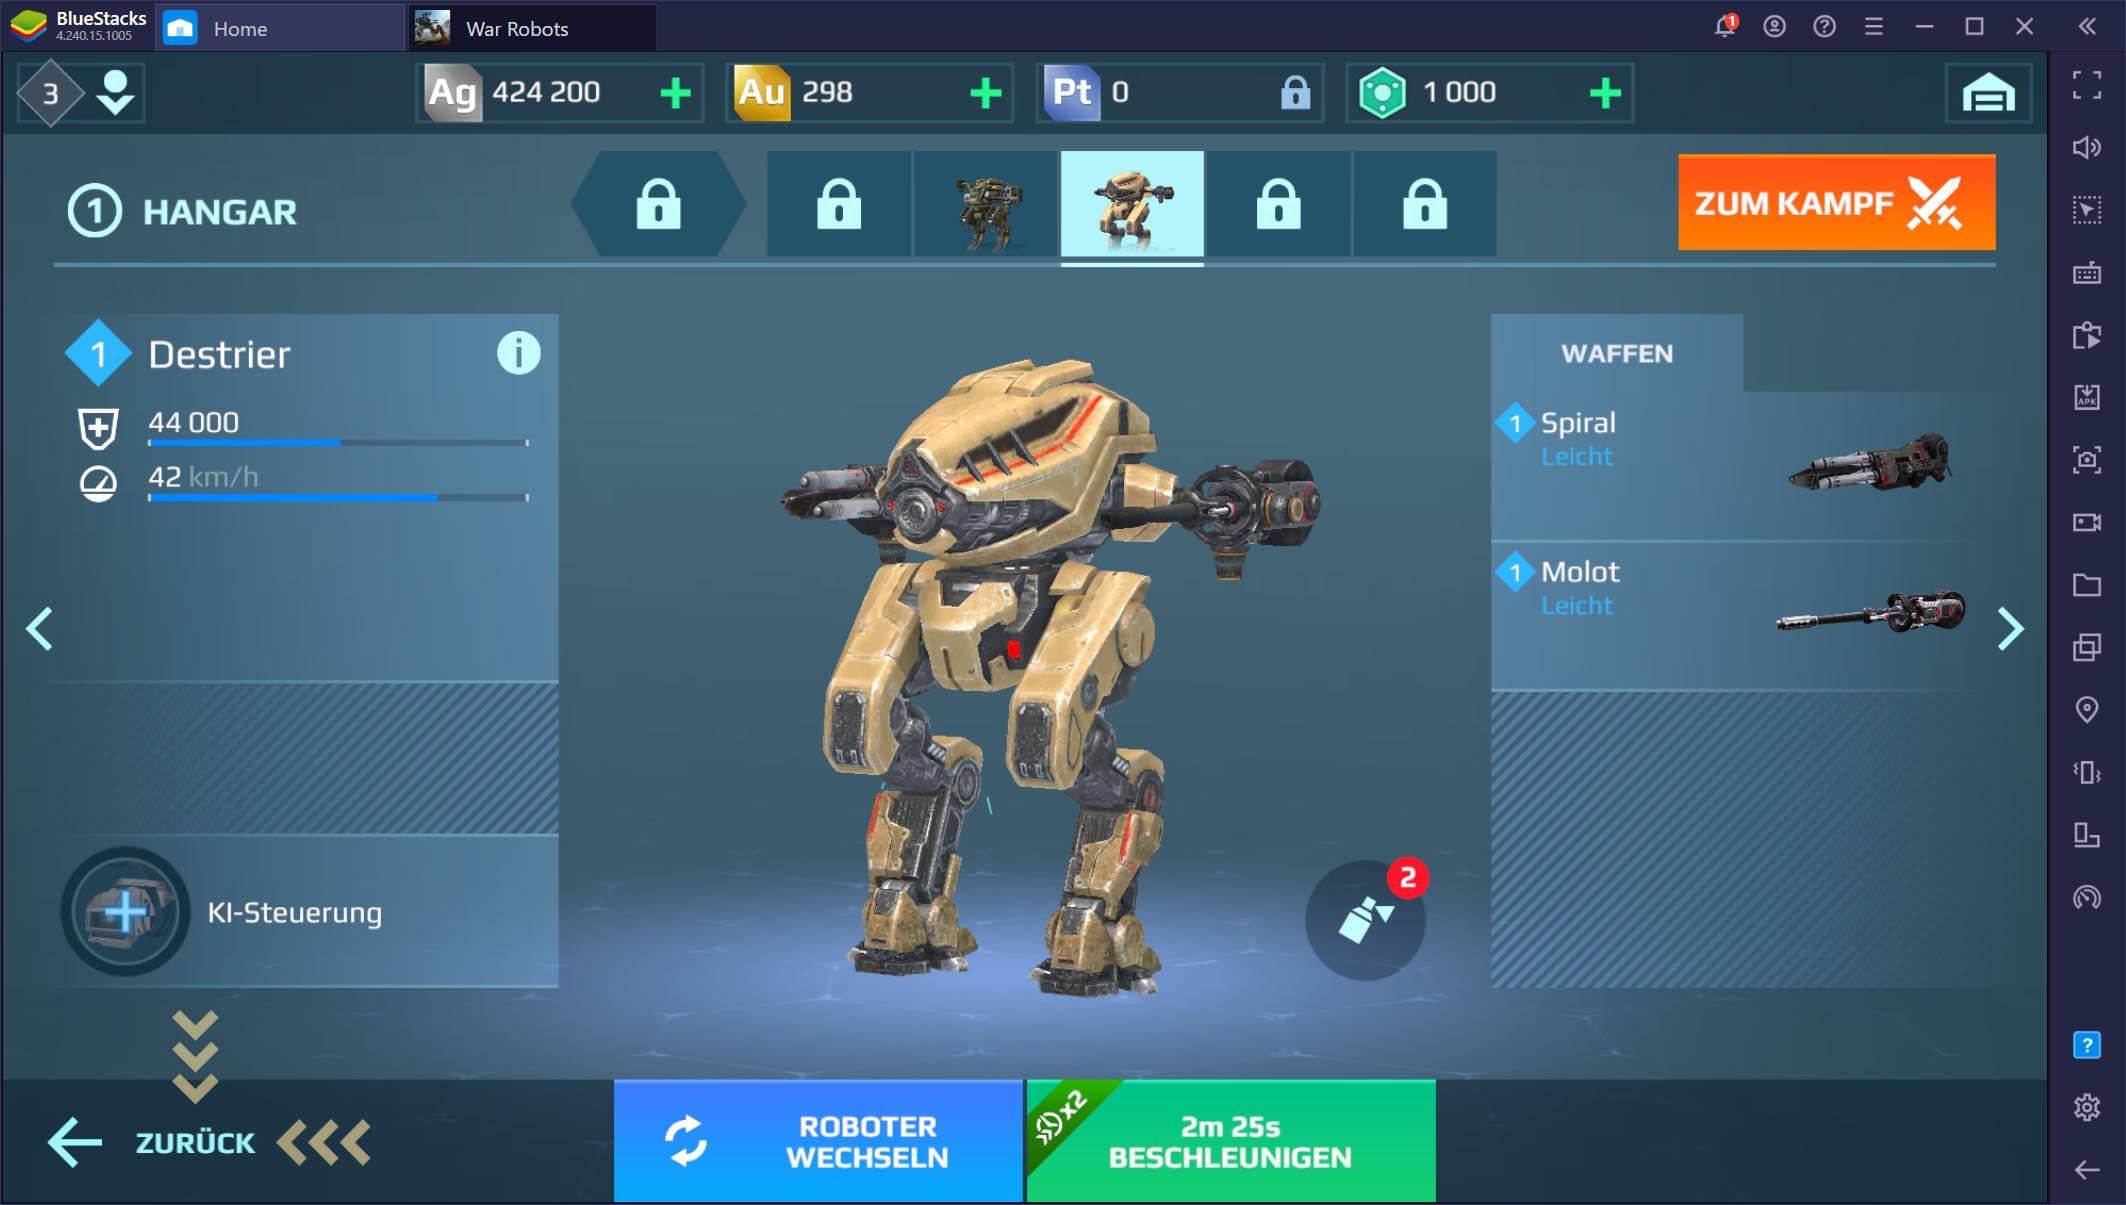 War Robots – Ein Leitfaden zu den Spezialfähigkeiten